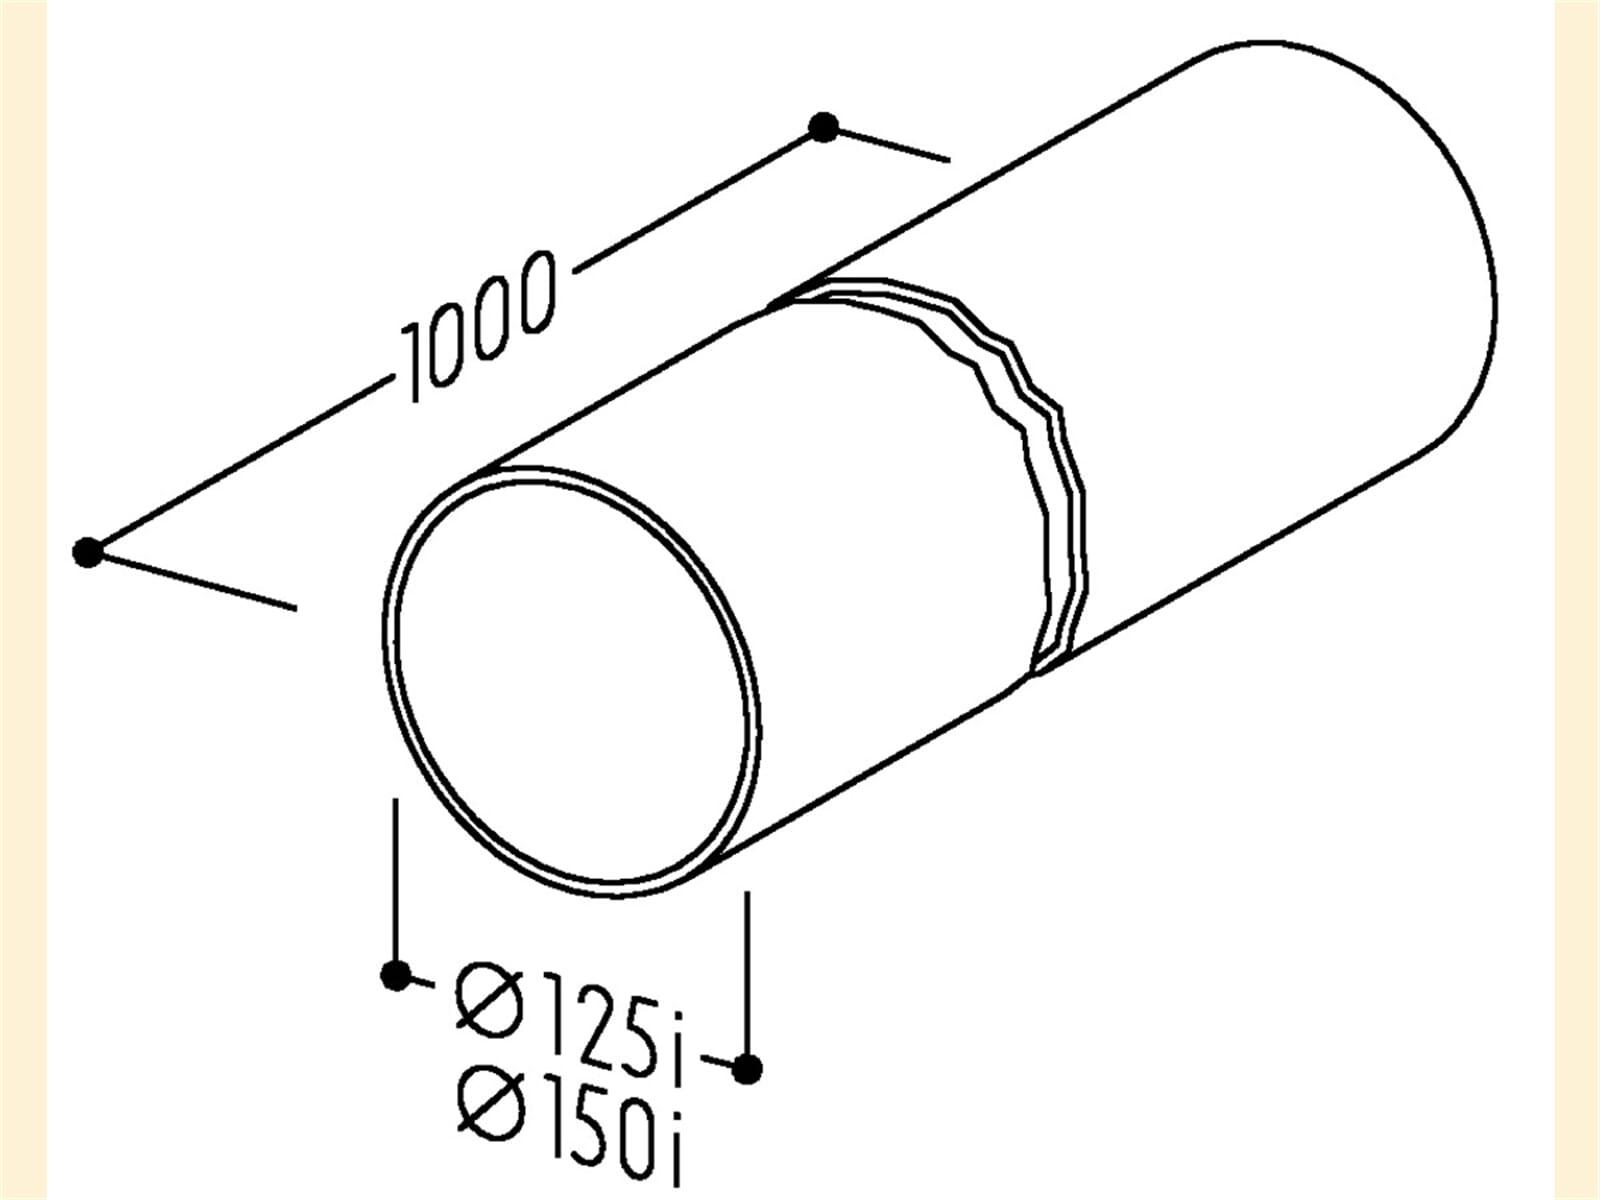 Compair 405.2.002 R-1000 Rundrohr